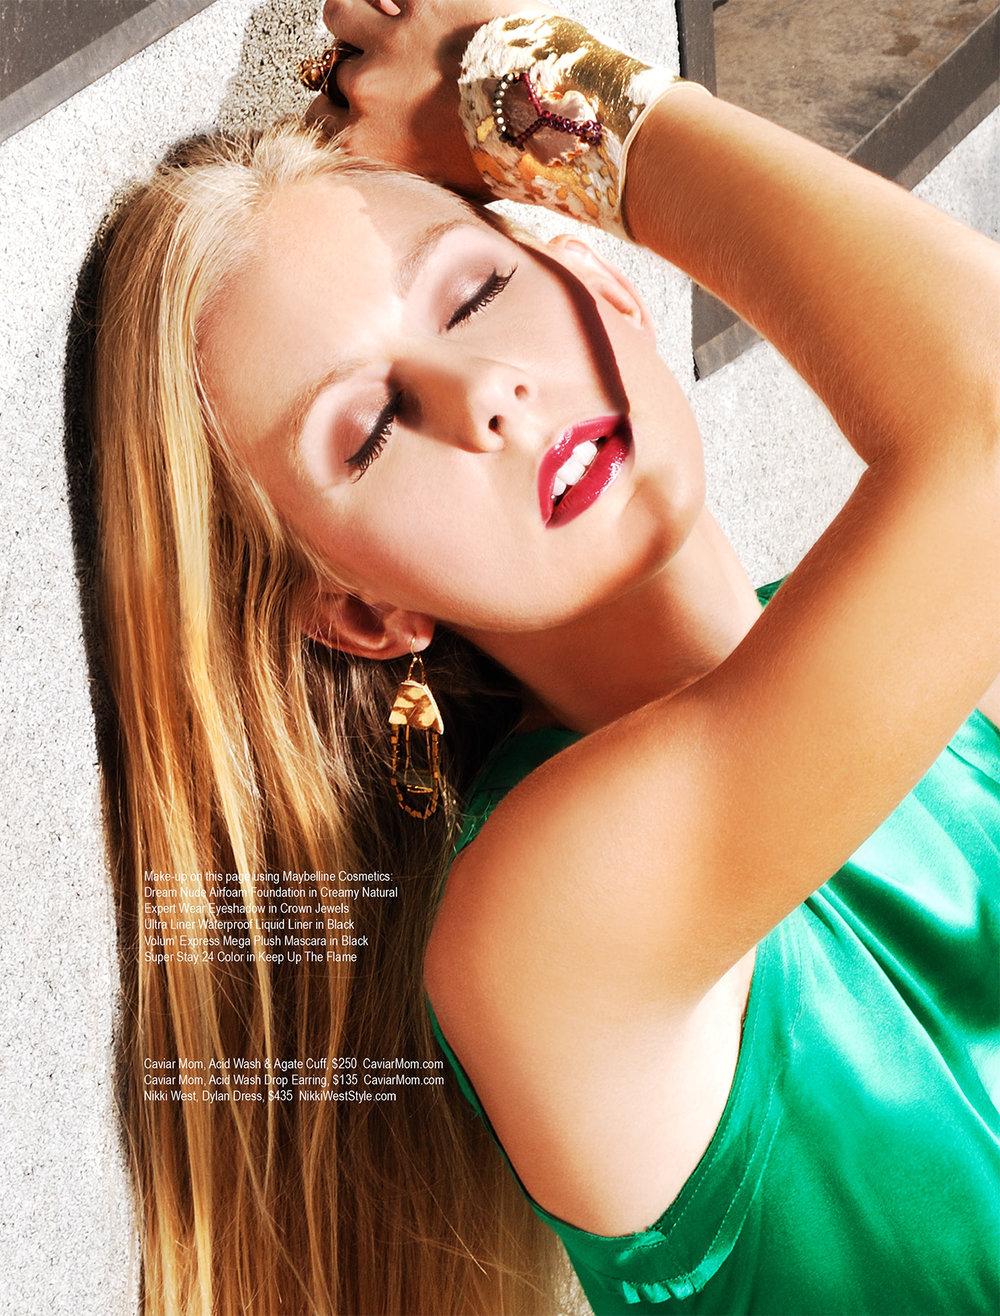 Courtney Smith 2012.jpg